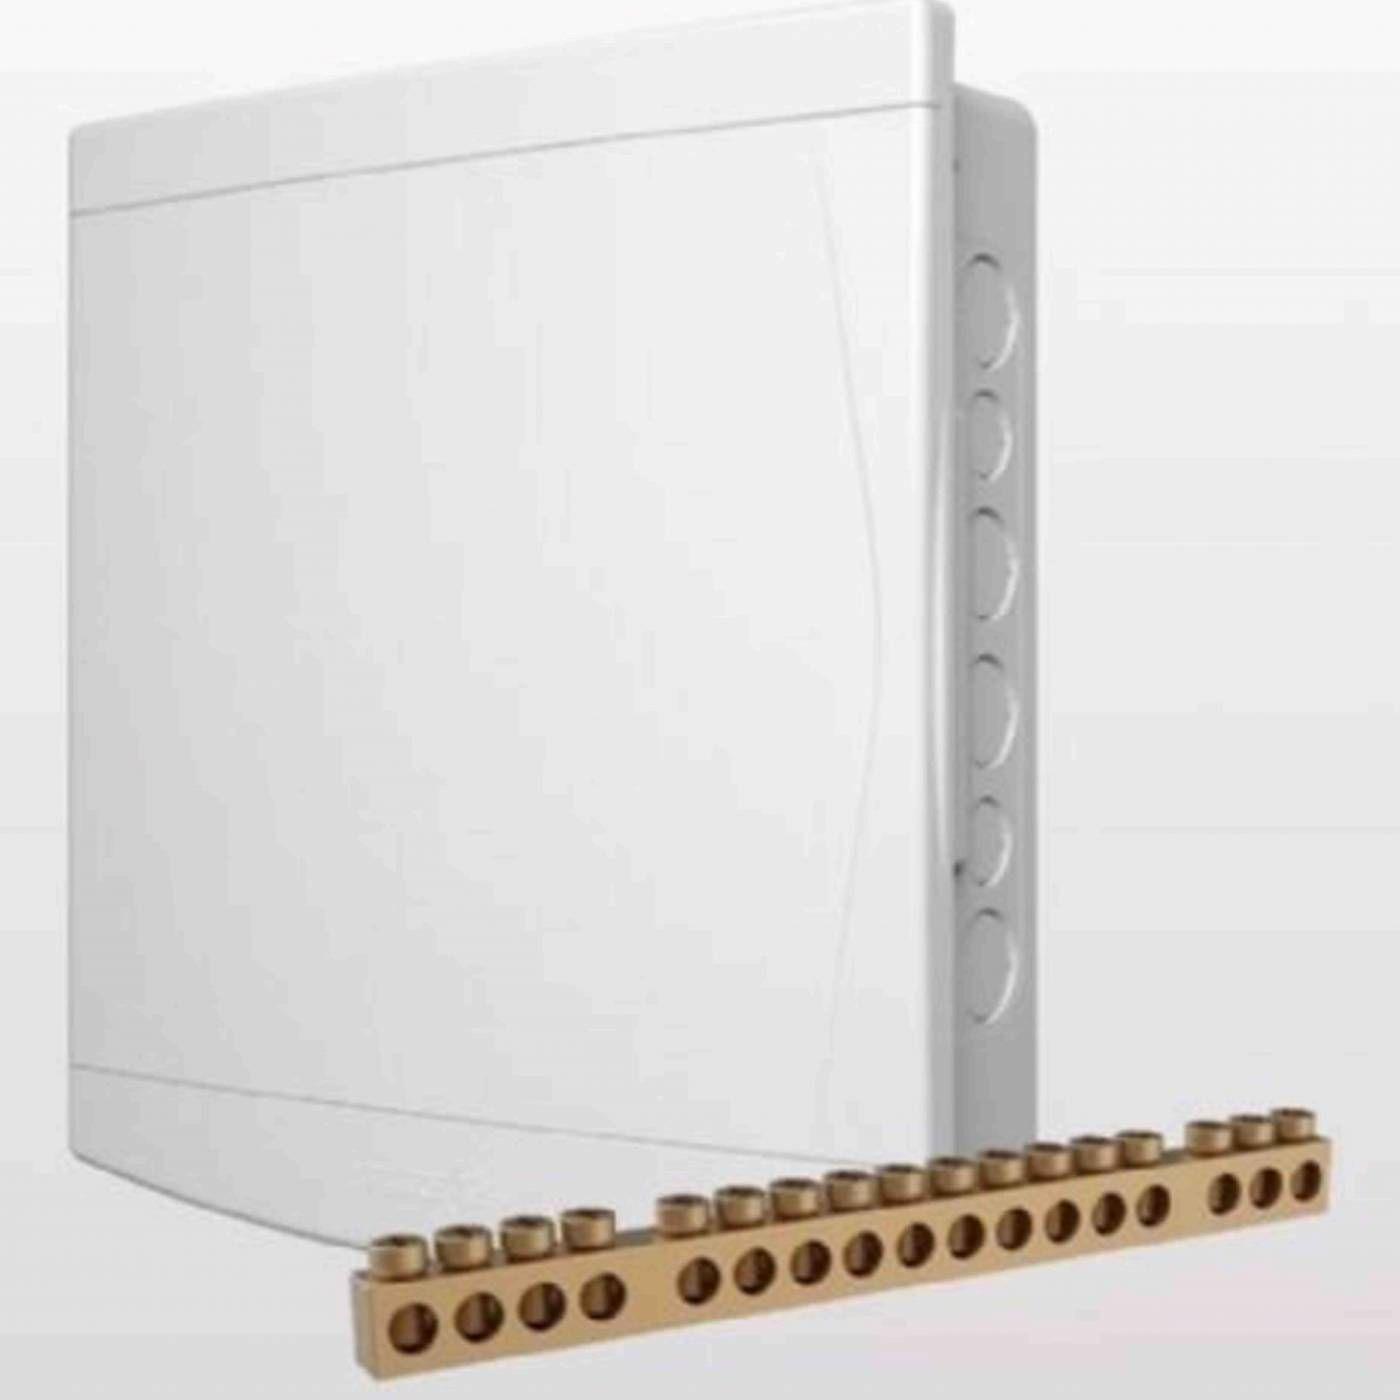 Caixa 24 Disjuntores Din ou 18 Nema de Embutir PVC Com Barramento - Tigre